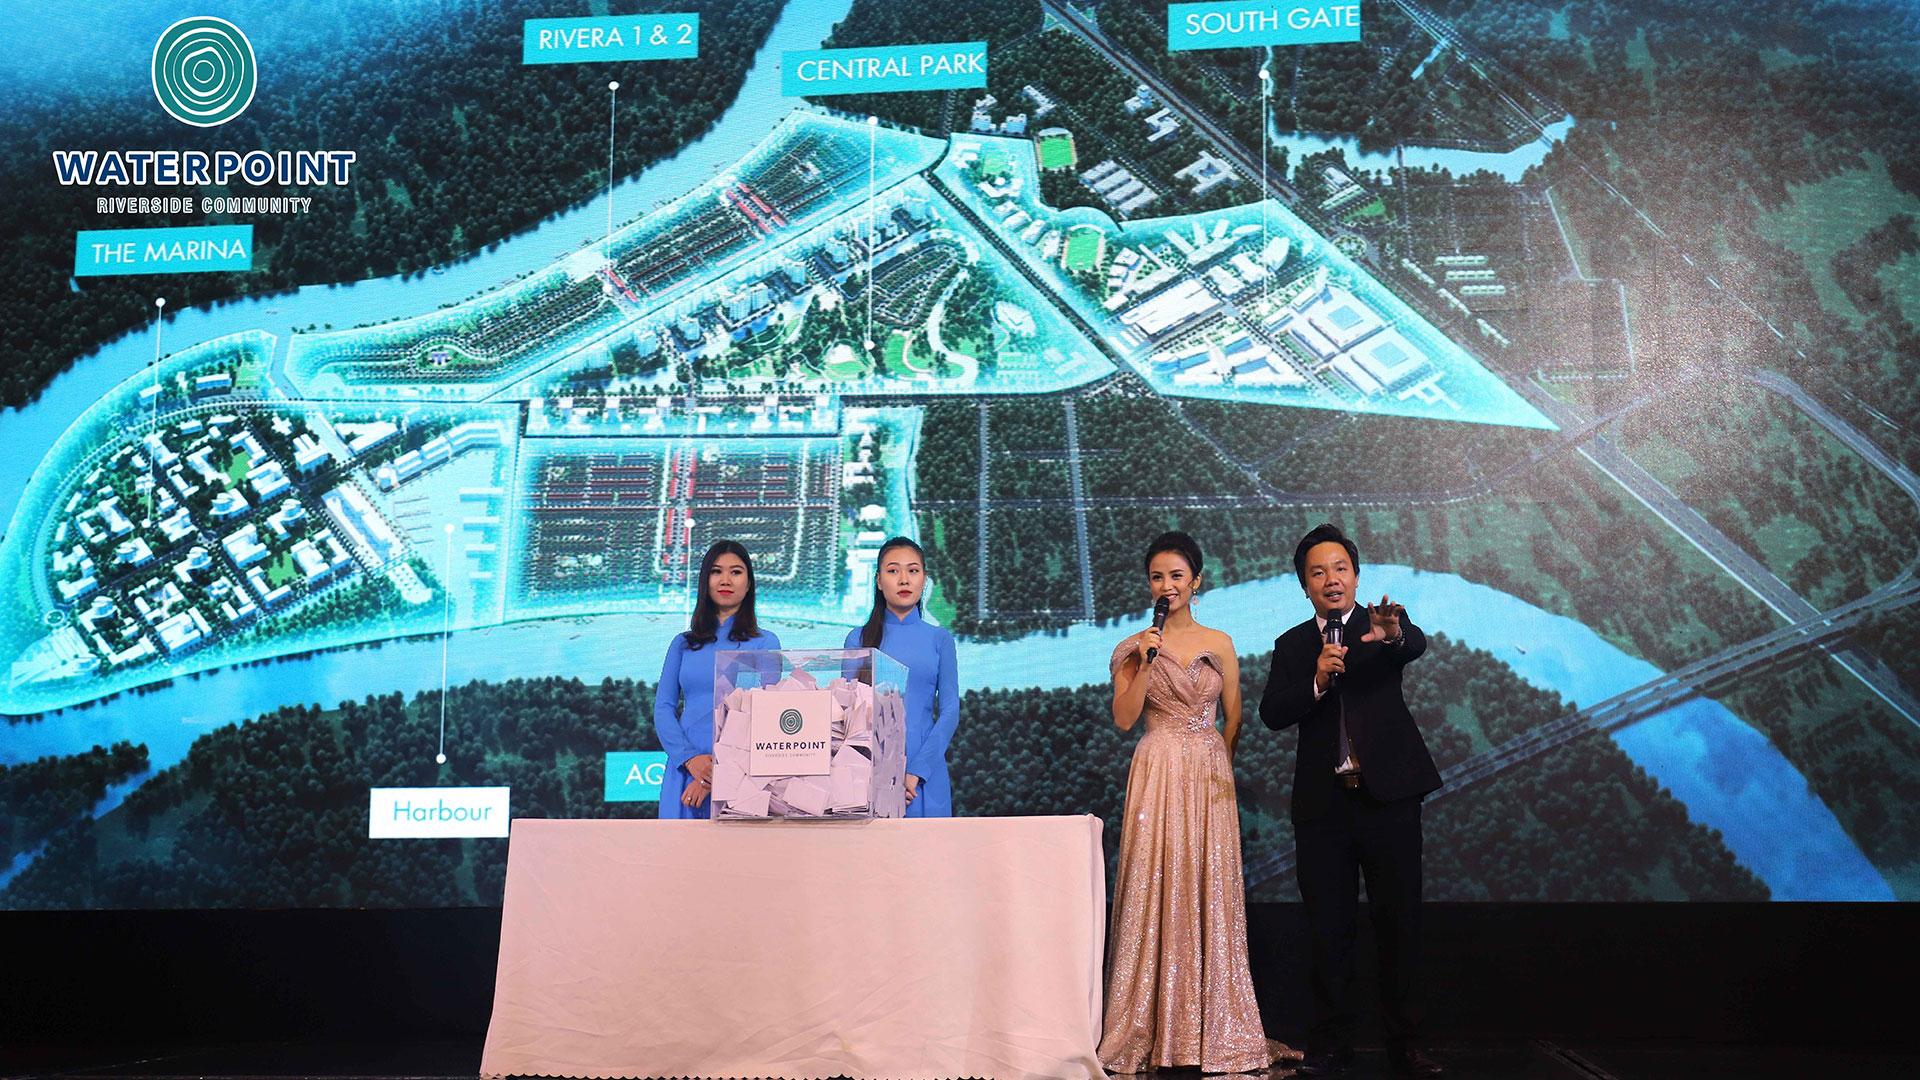 Nam Long tổ chức bốc thăm trúng thưởng cho khách tham dự lễ giới thiệu dự án